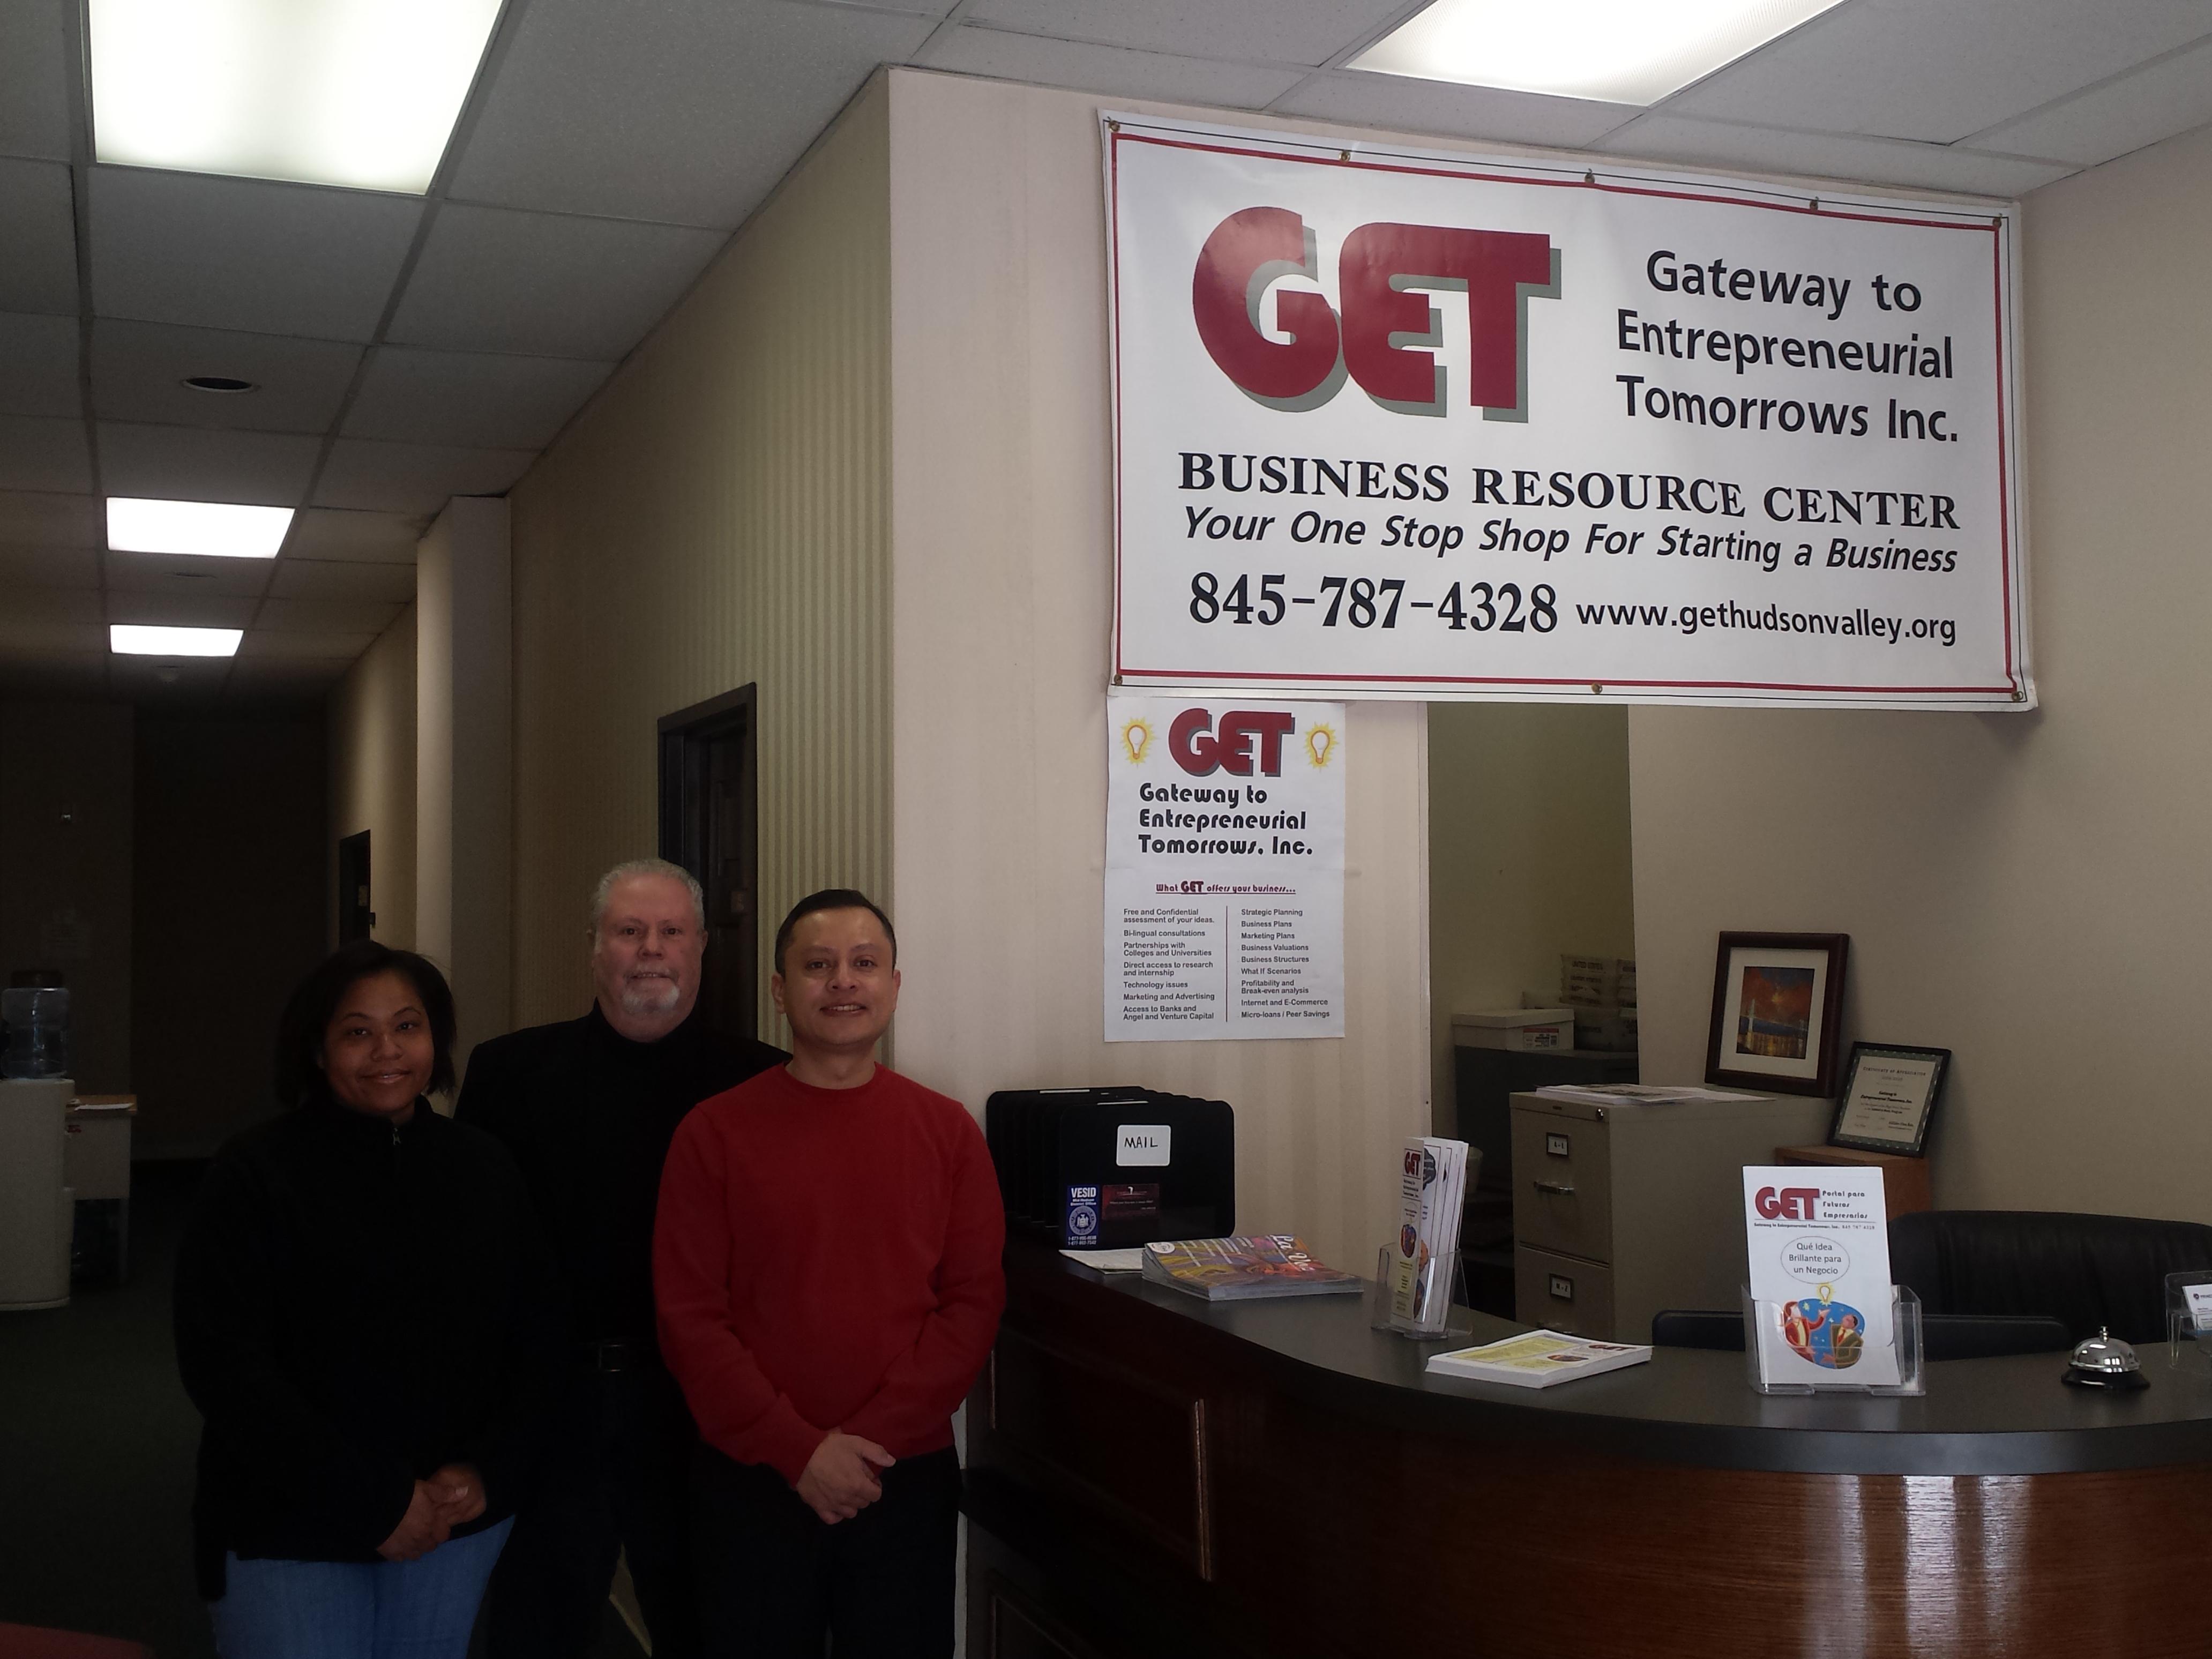 Rob Lunski y los esposos Yojanny y Mauricio Martínez en las oficinas de GET, foto de Javier Crespo.